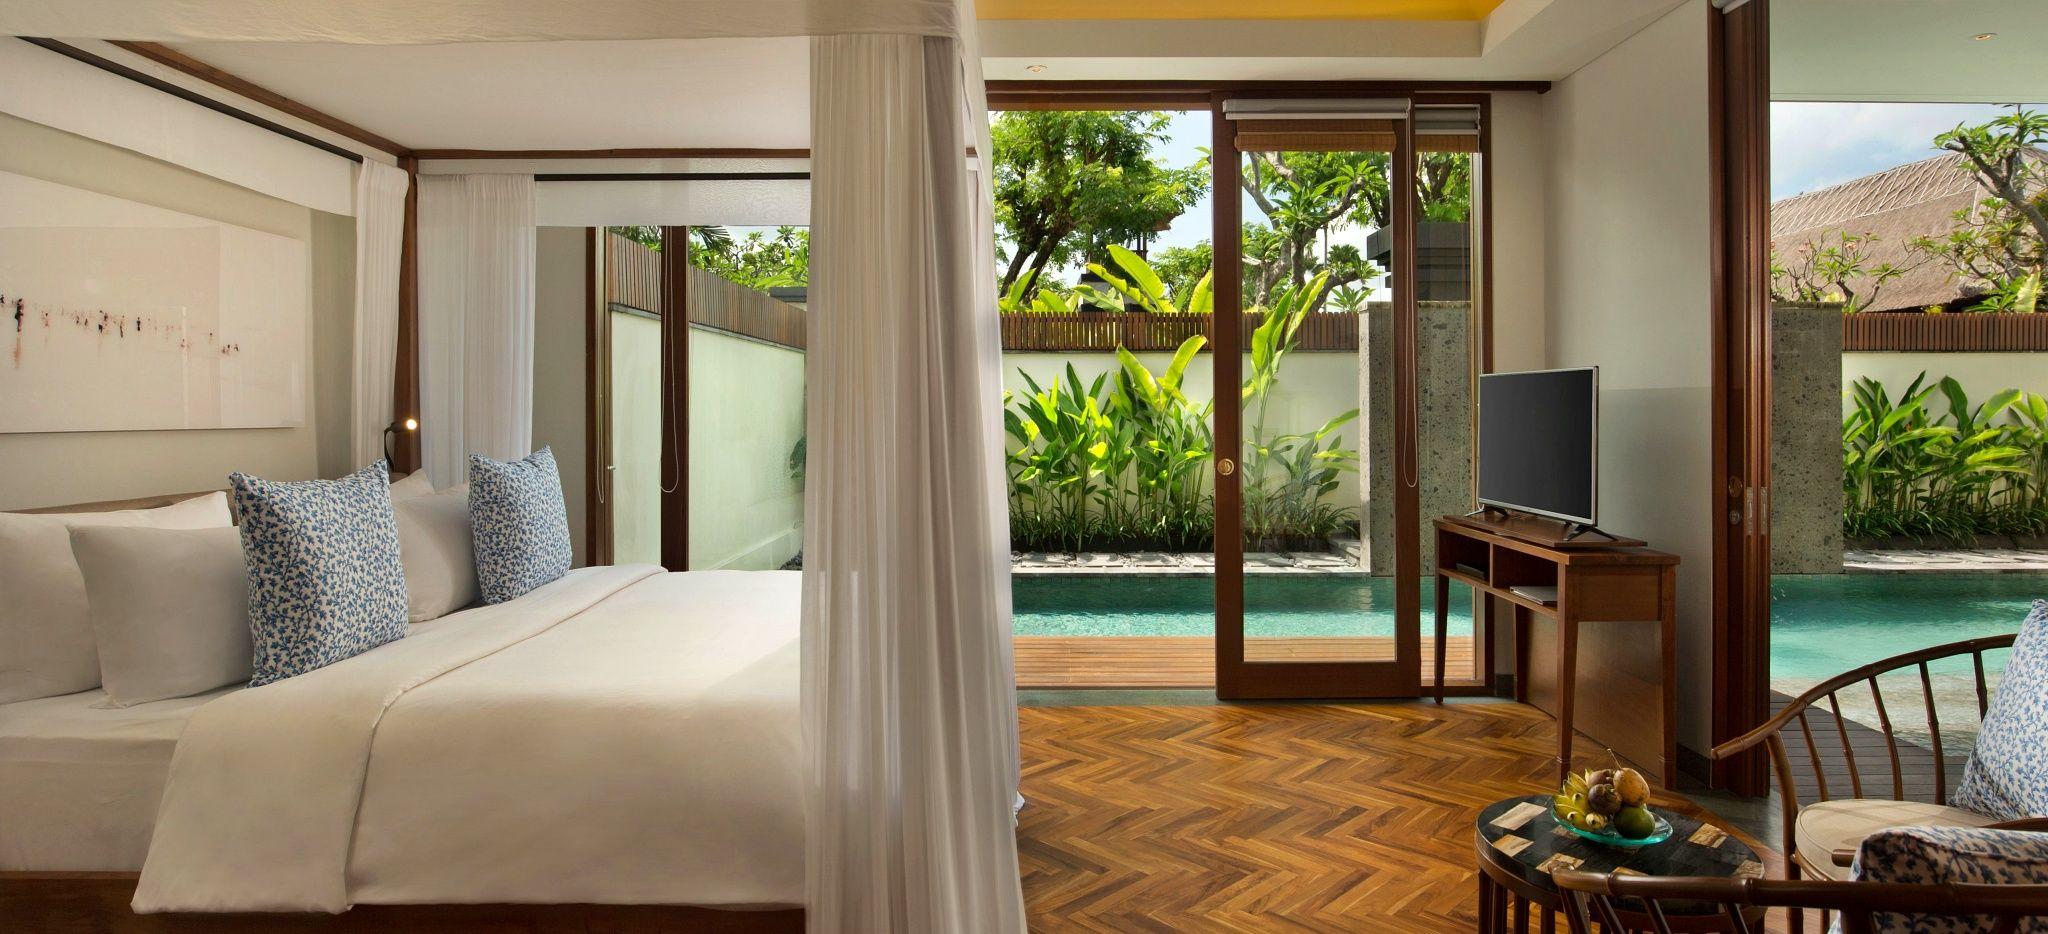 """Ein Schlafzimmer in einer Villa des Hotels """"The Legian"""" auf Bali"""